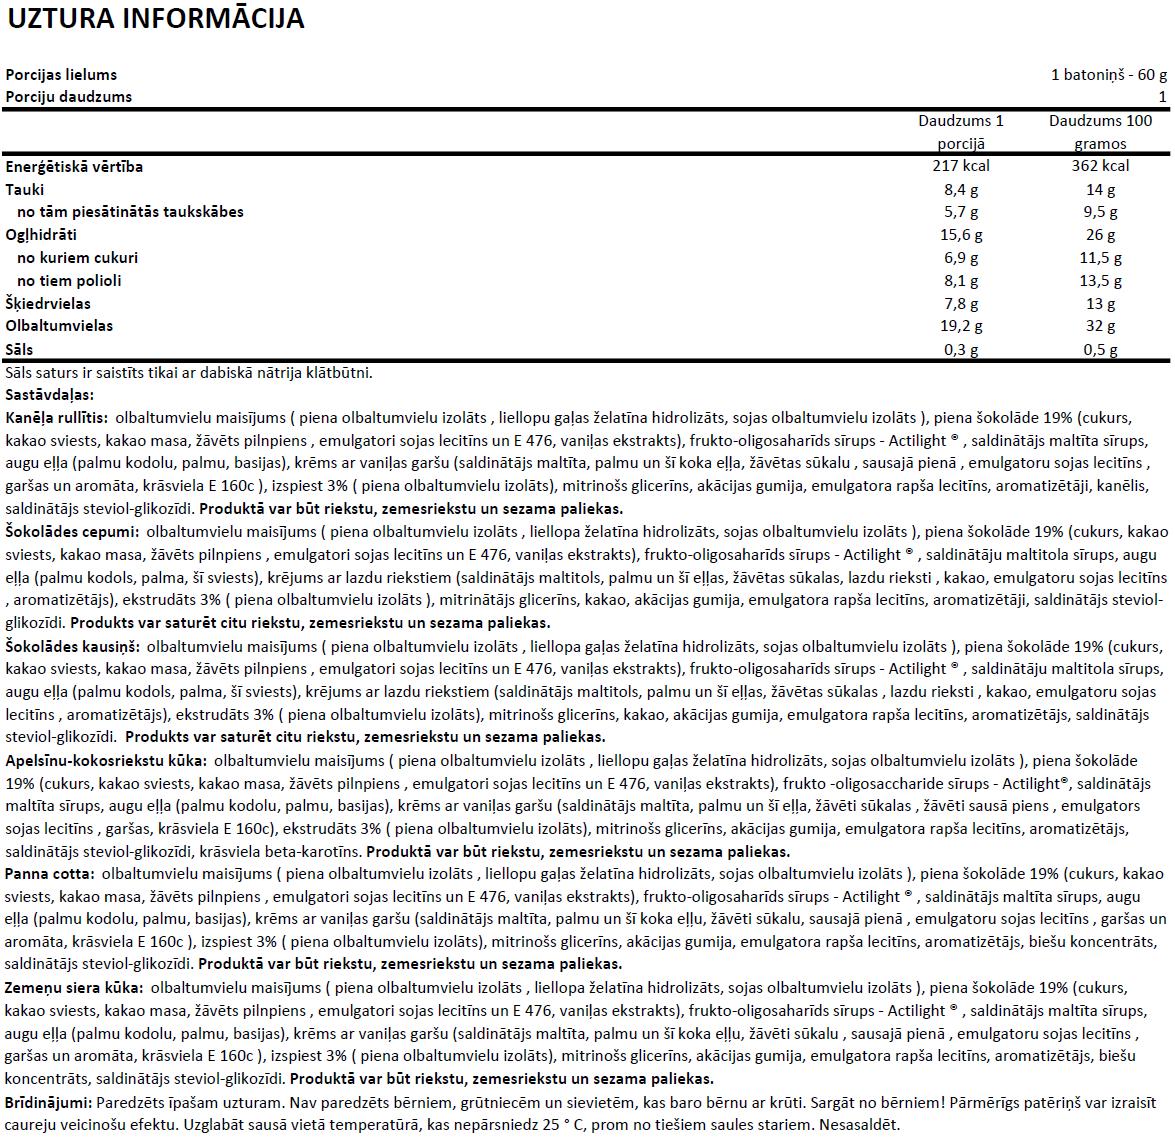 Deluxe Protein Bar uztura informācija